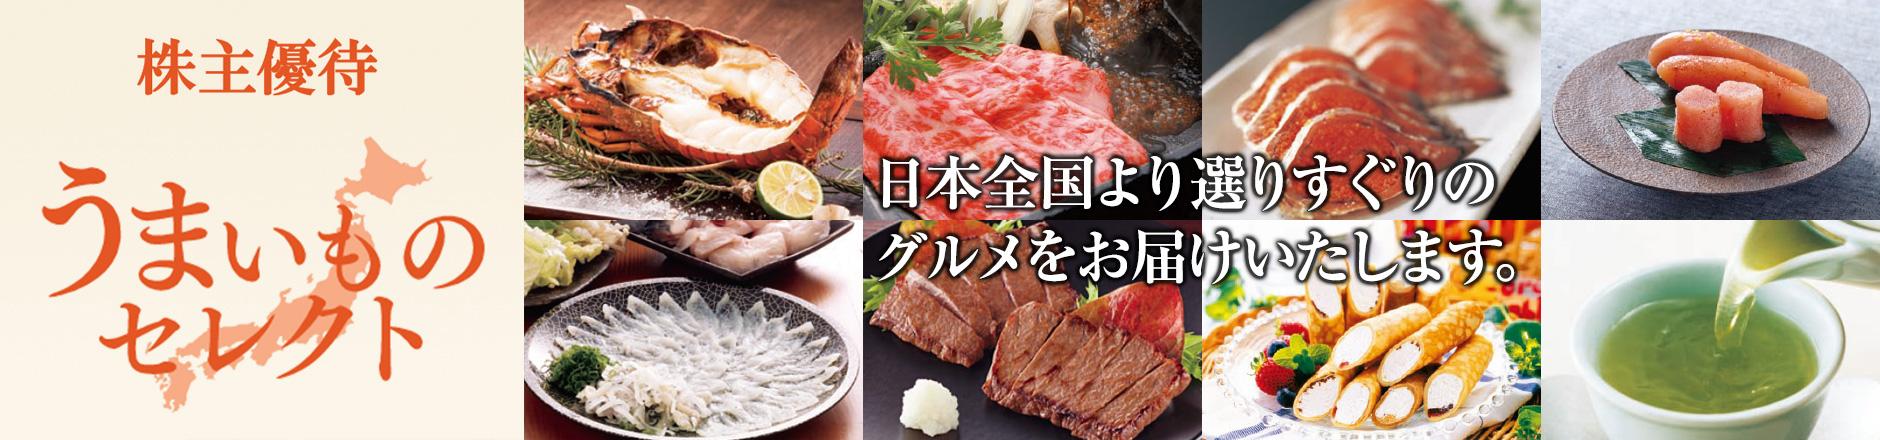 株主優待 うまいものセレクト 日本全国グルメ 日本全国より選りすぐりのグルメをお届けいたします。